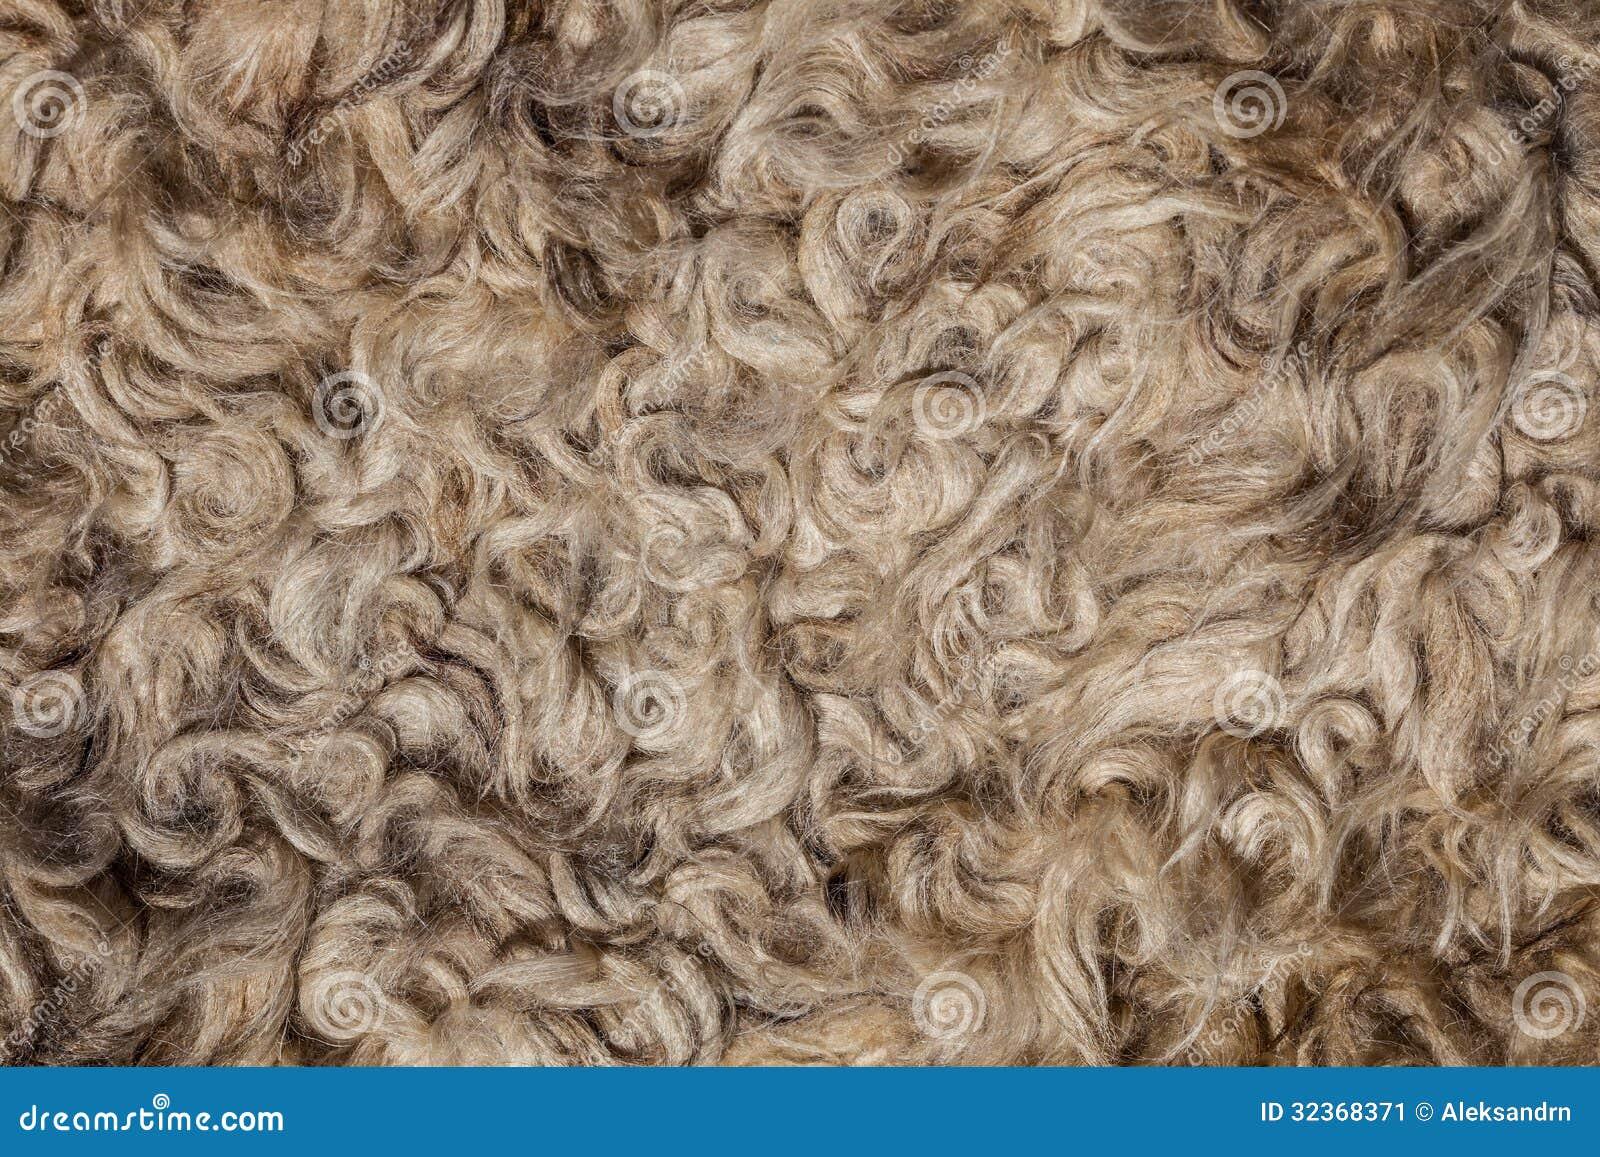 la texture de la peau de mouton de fourrure image stock image 32368371. Black Bedroom Furniture Sets. Home Design Ideas